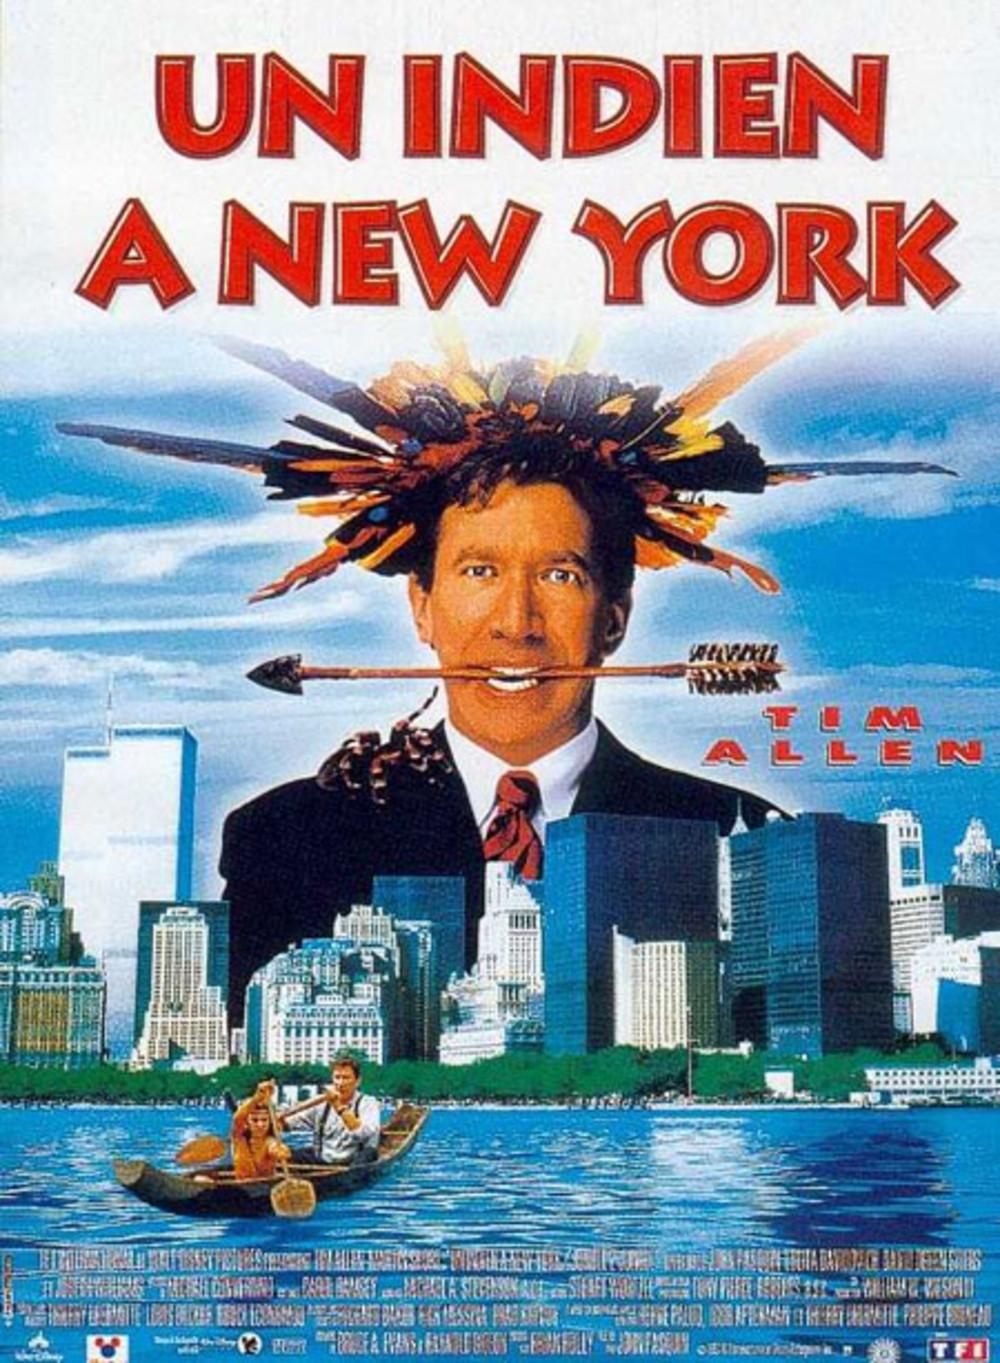 Un_Indien_a_New_York.jpg